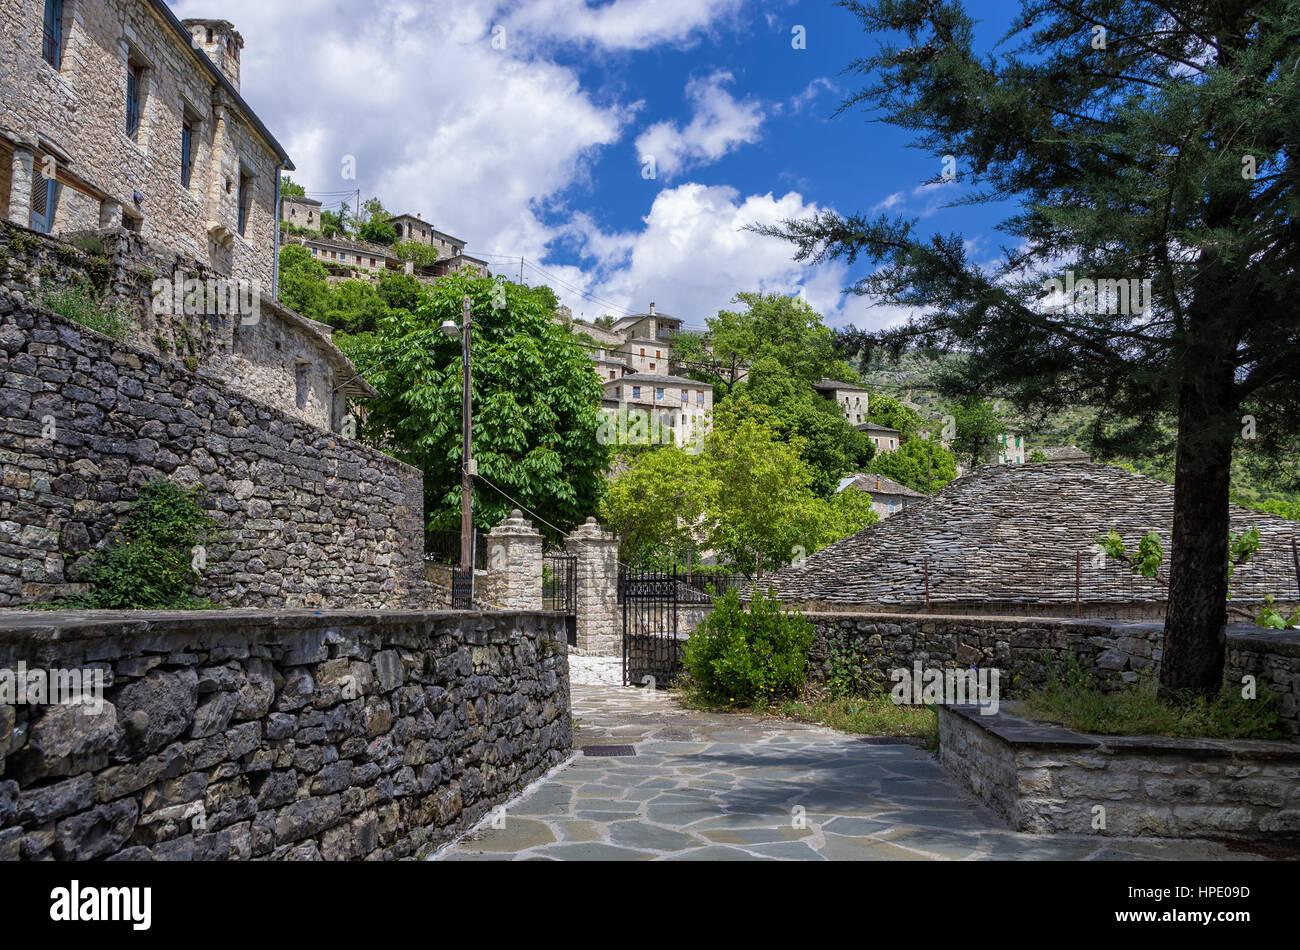 Syrrako village, Tzoumerka, Epirus, Greece - Stock Image